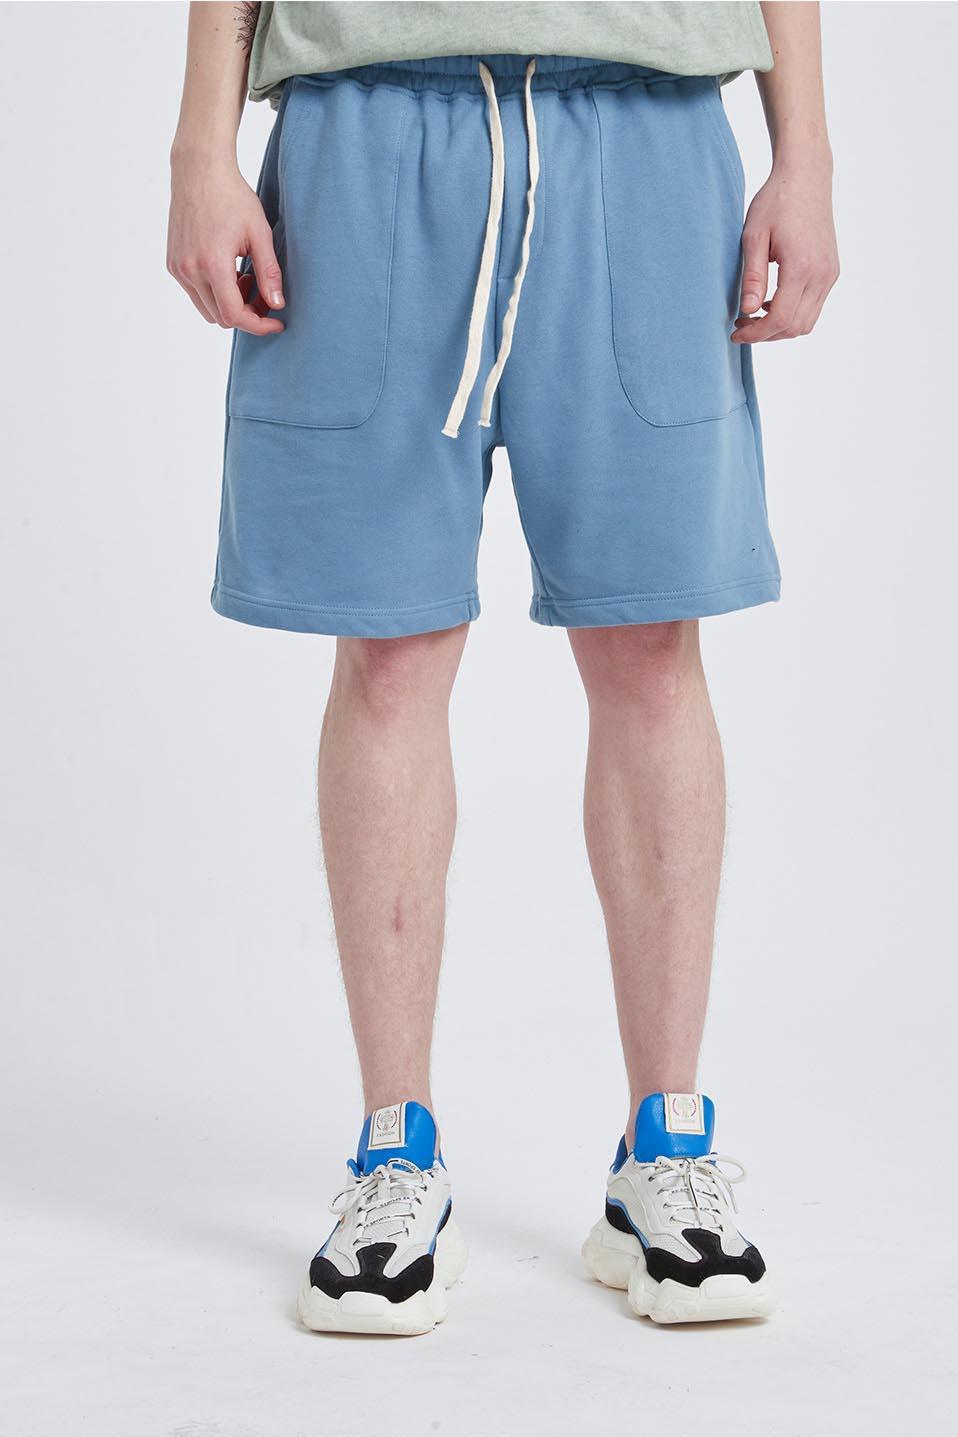 Pantaloni corti Nuovo arrivo progettista del Mens bicchierini di marca pantaloni degli uomini di estate del cotone popolare di modo di Streetwear Sport Style Shorts Casual